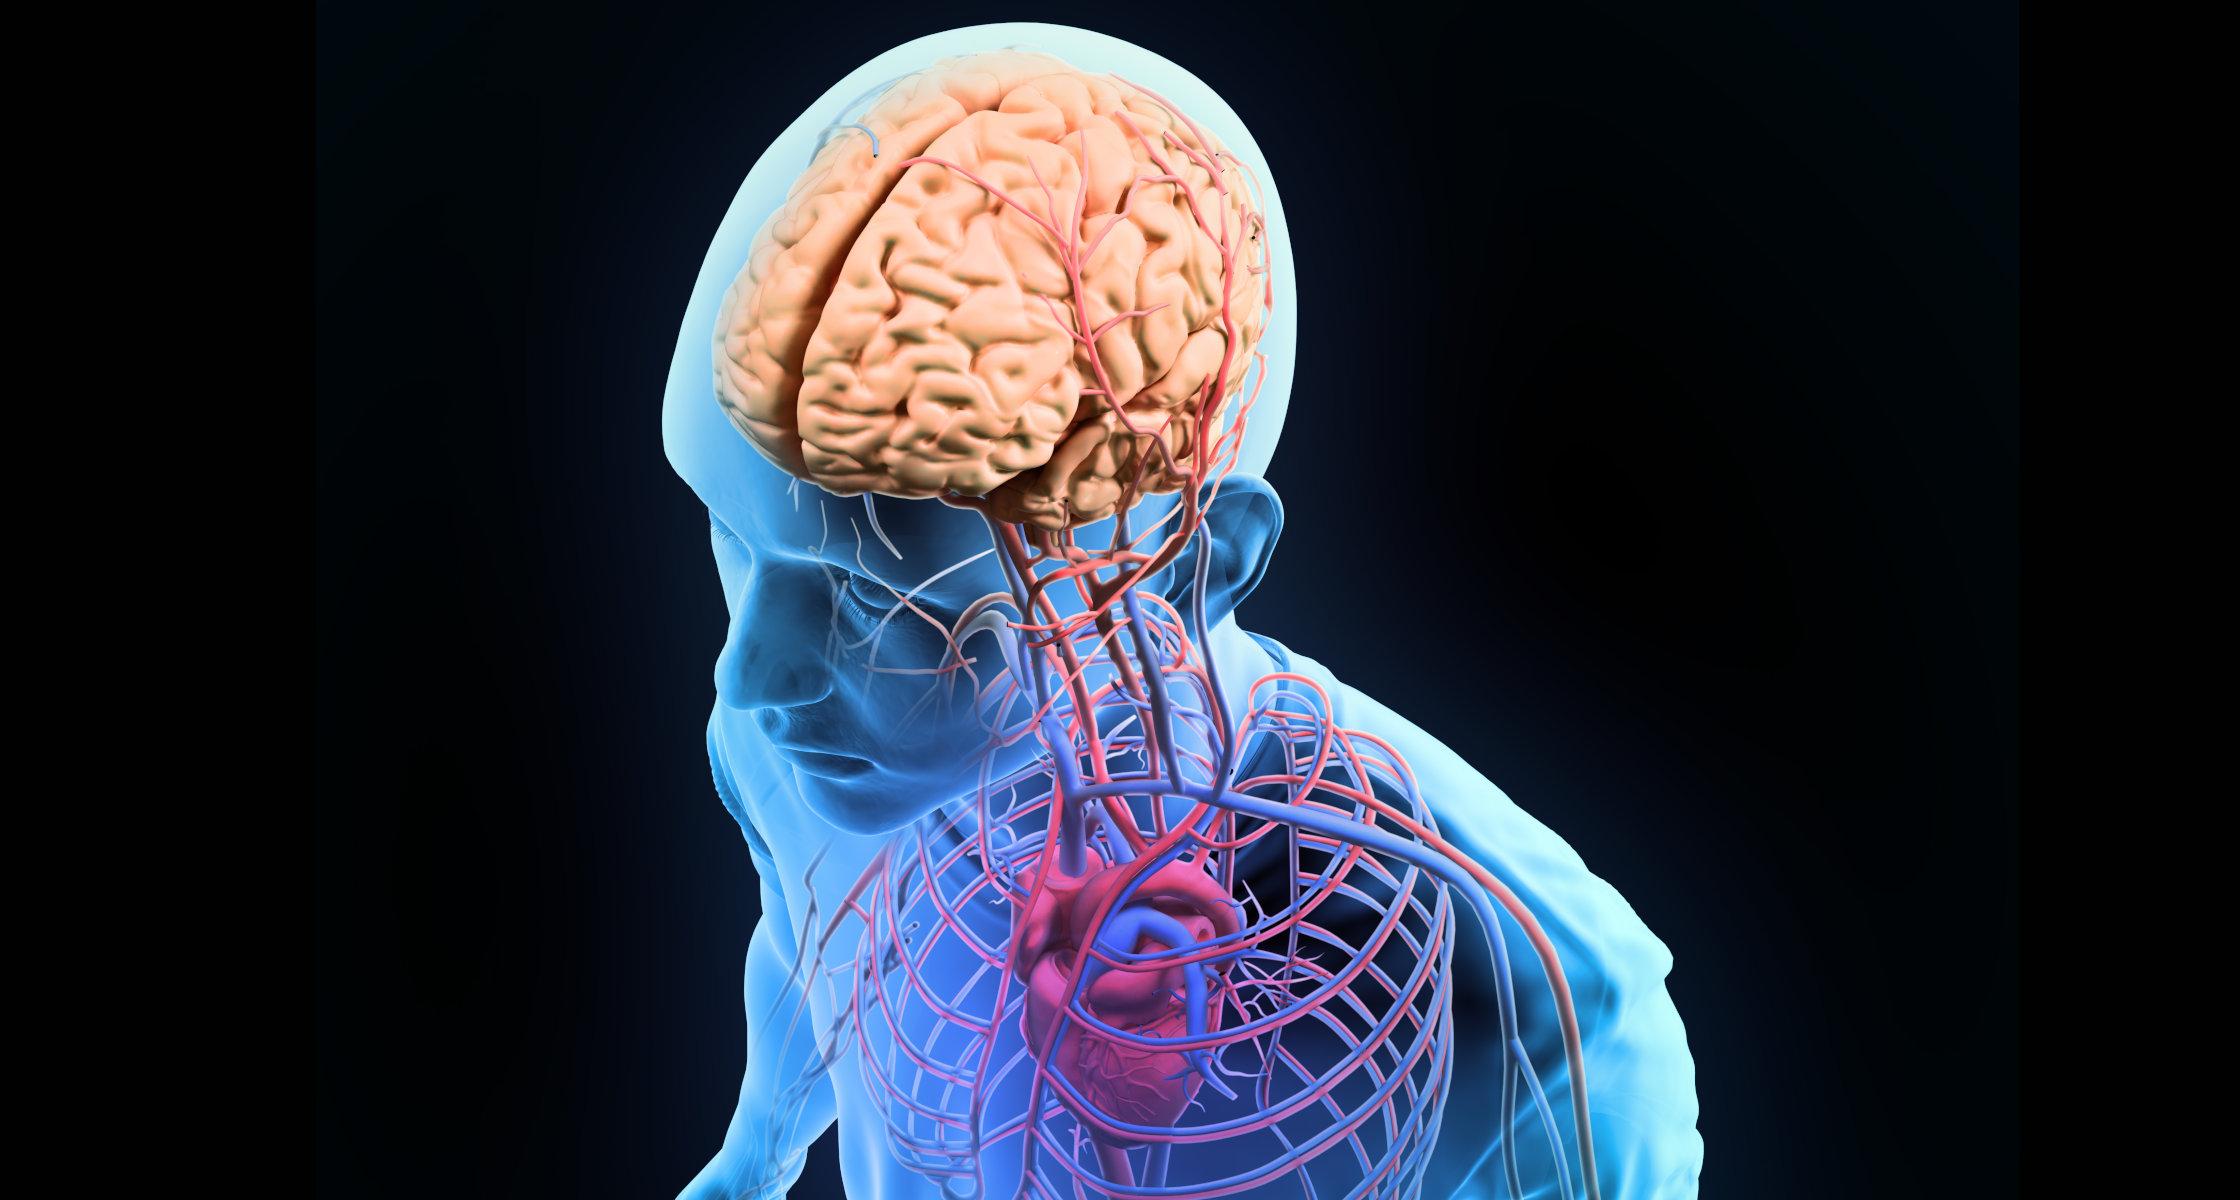 Abwehrzellen Gelangen Ber Tunnel Aus Dem Schdeldach Ins Gehirn